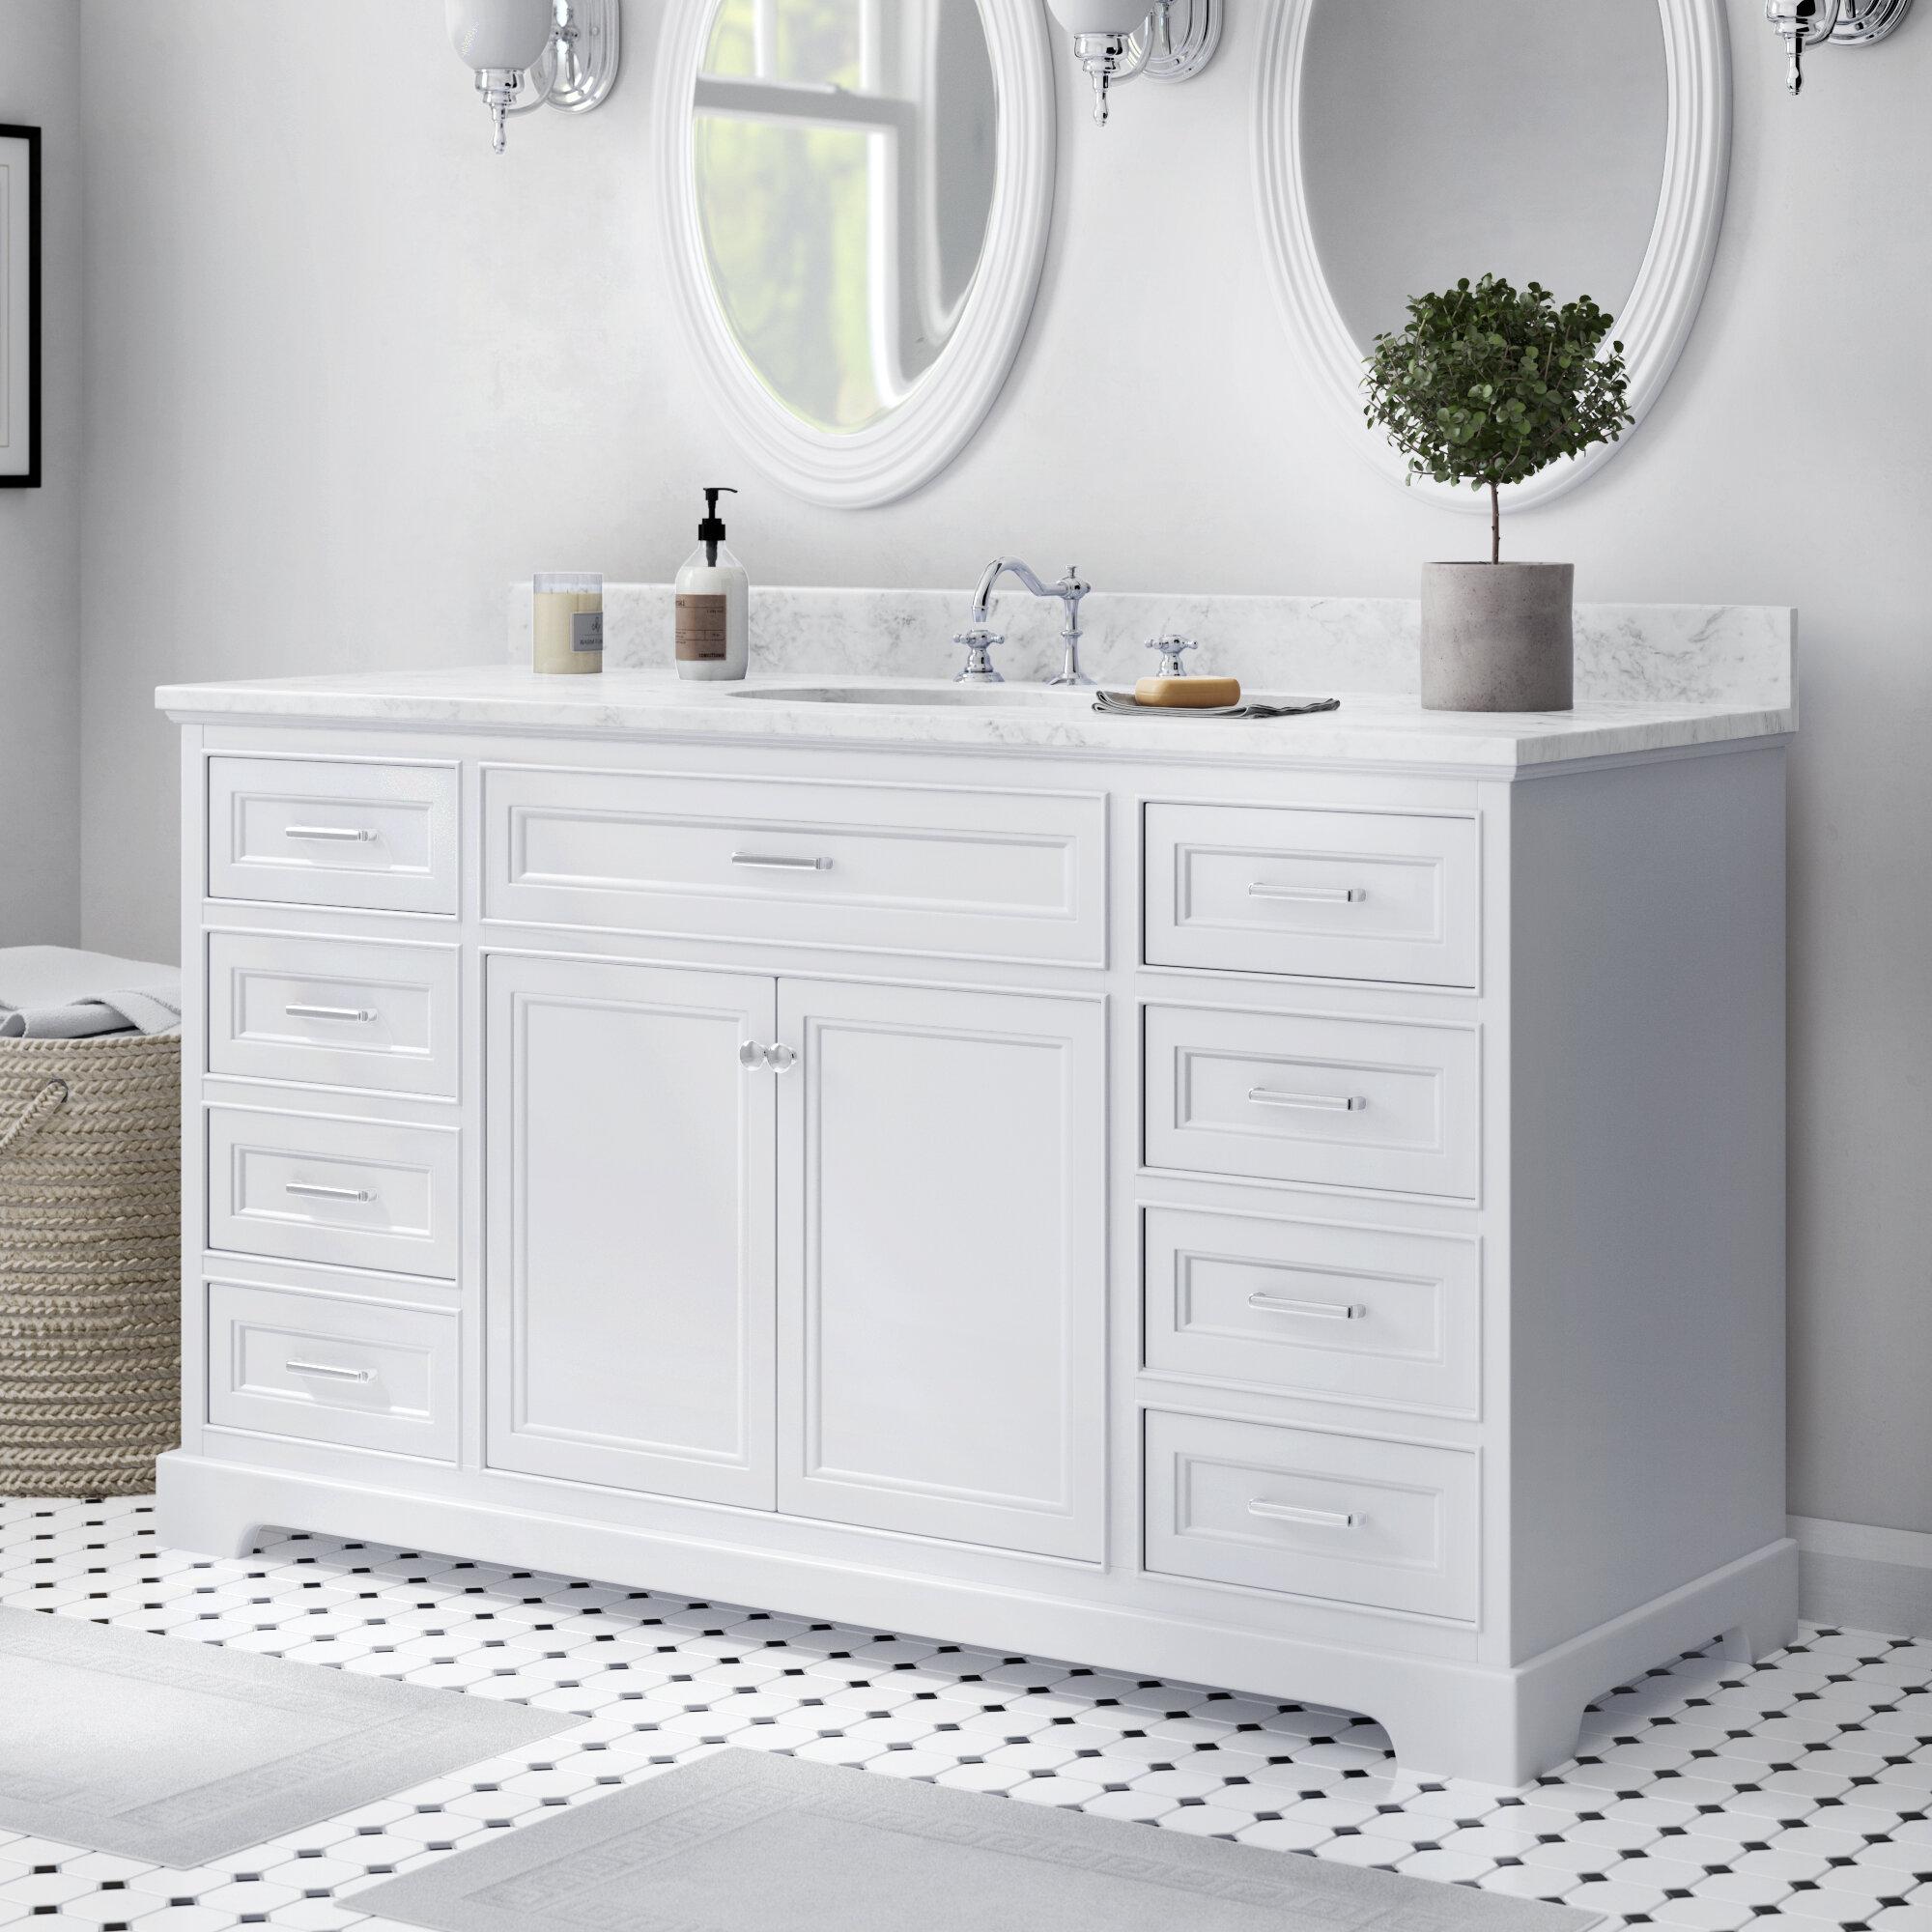 wayfair sink vanity